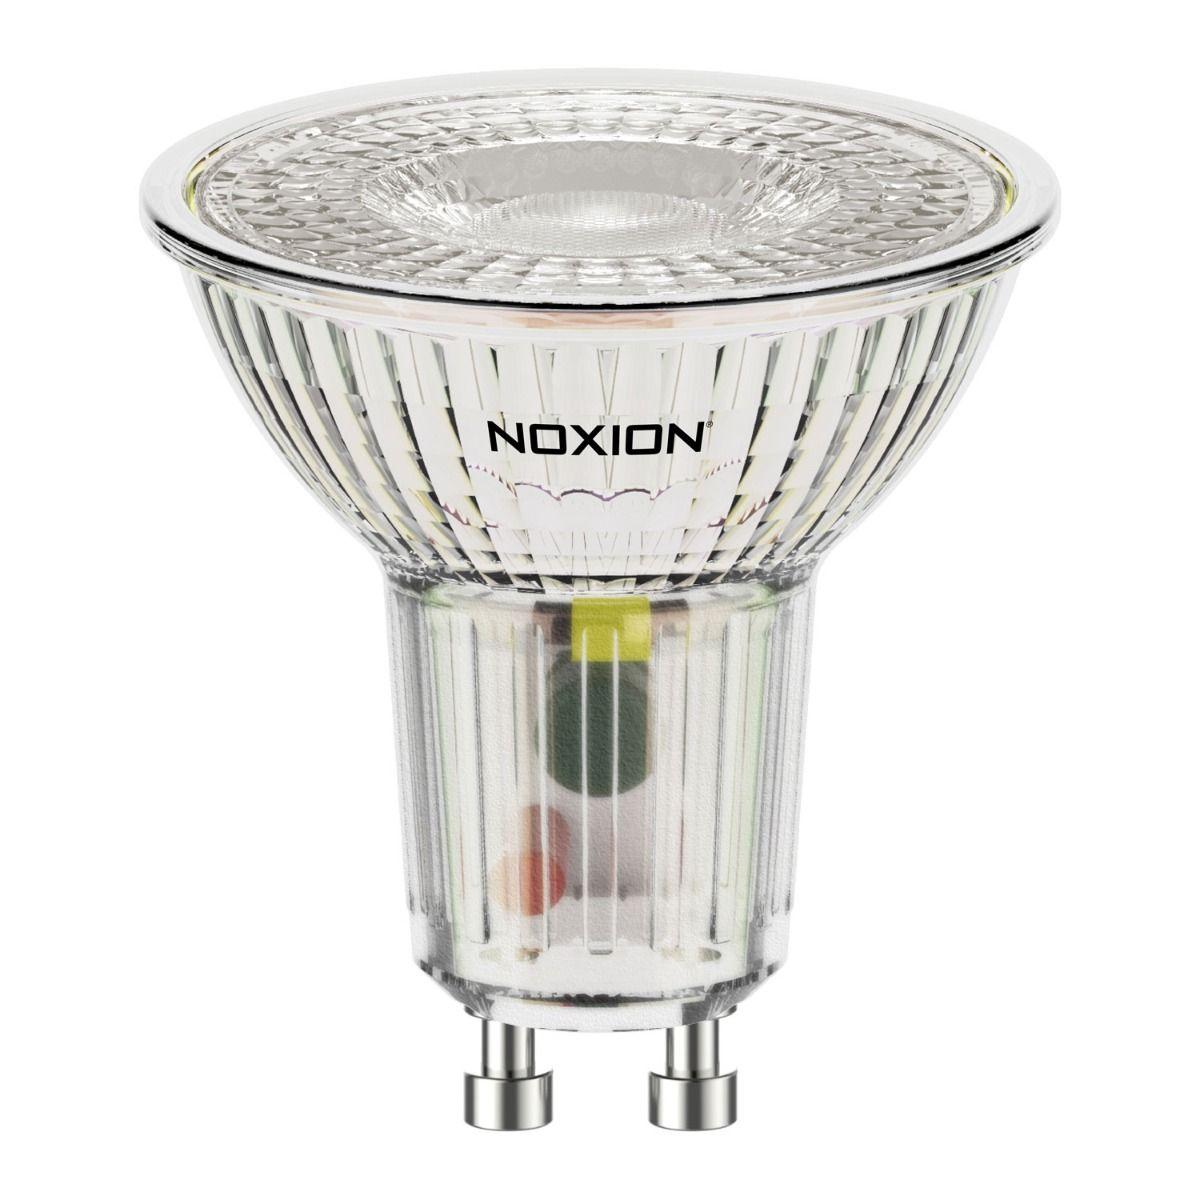 Noxion Spot LED GU10 5W 840 36D 520lm | Blanc Froid - Substitut 60W